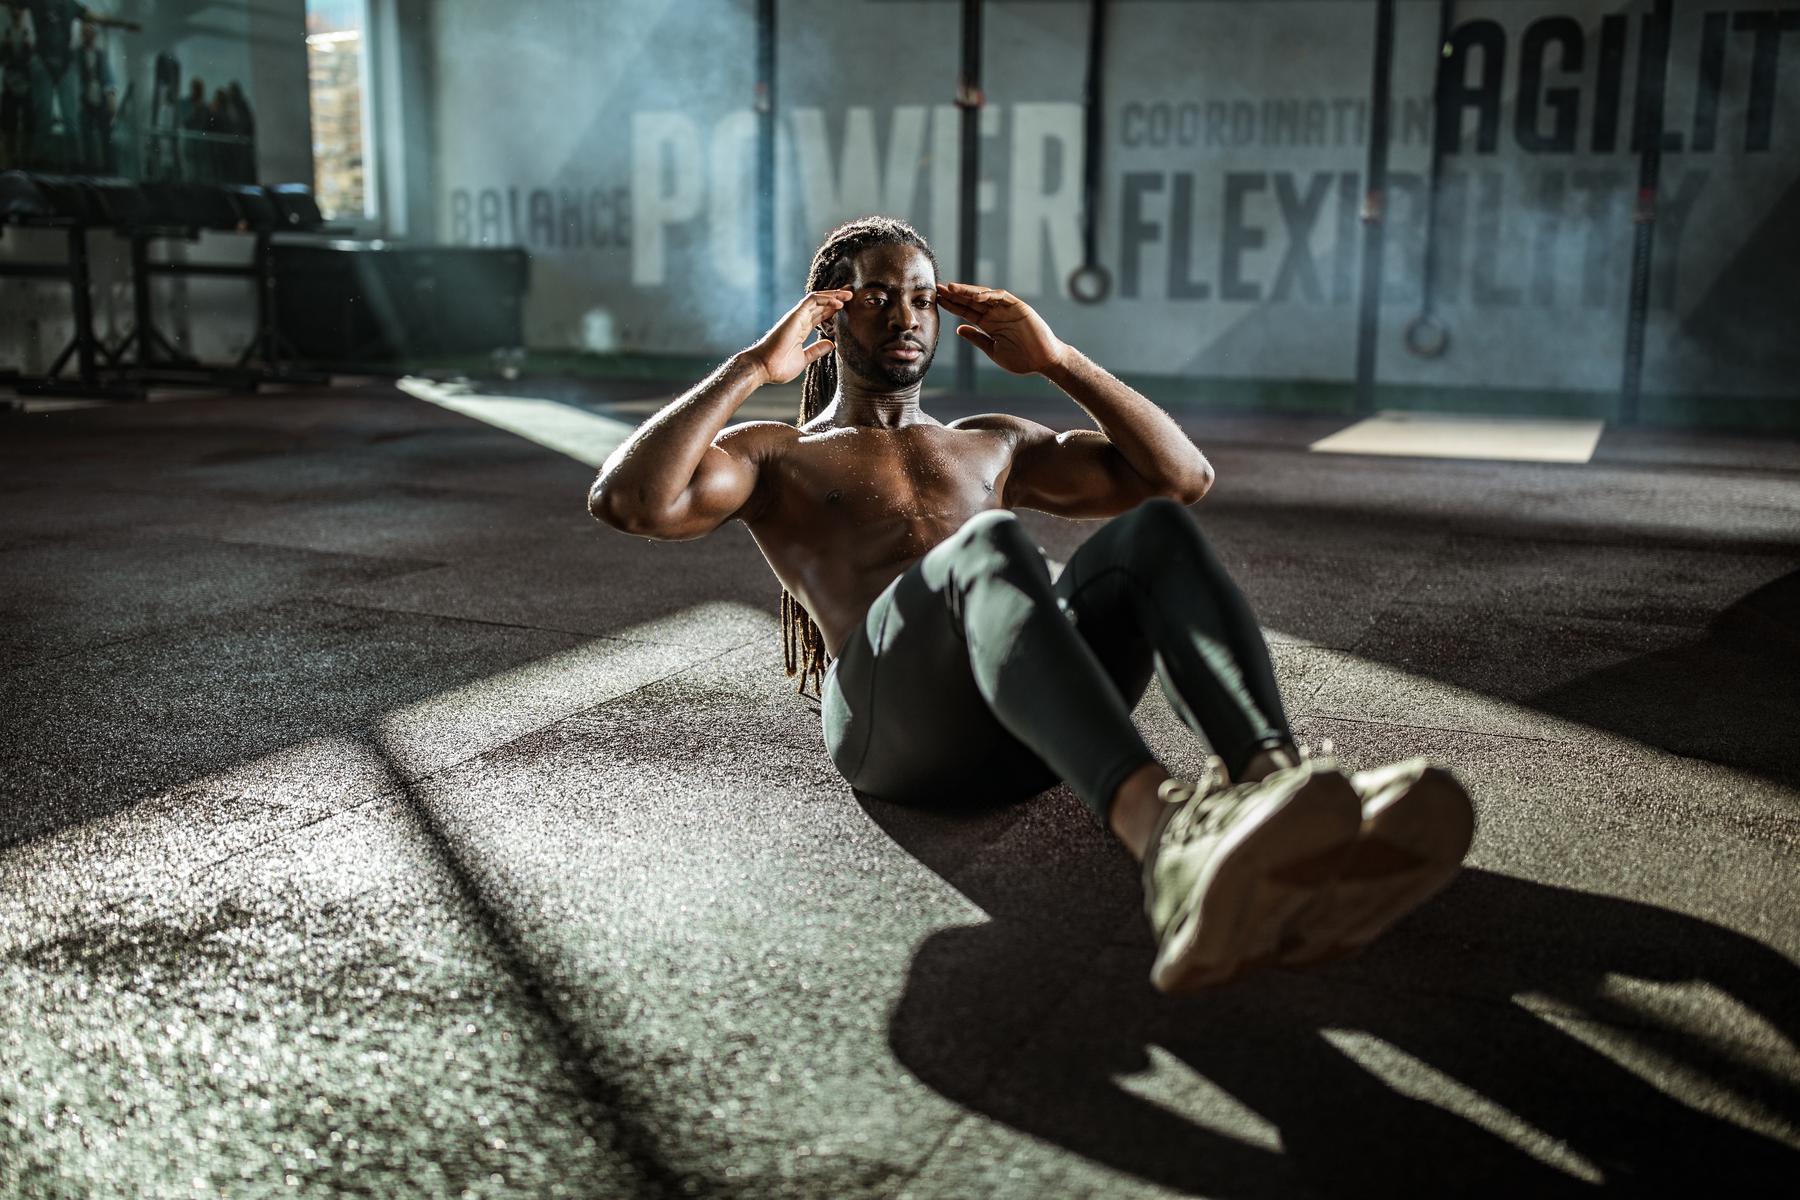 Ejercicios de core para entrenar en casa | La guía definitiva